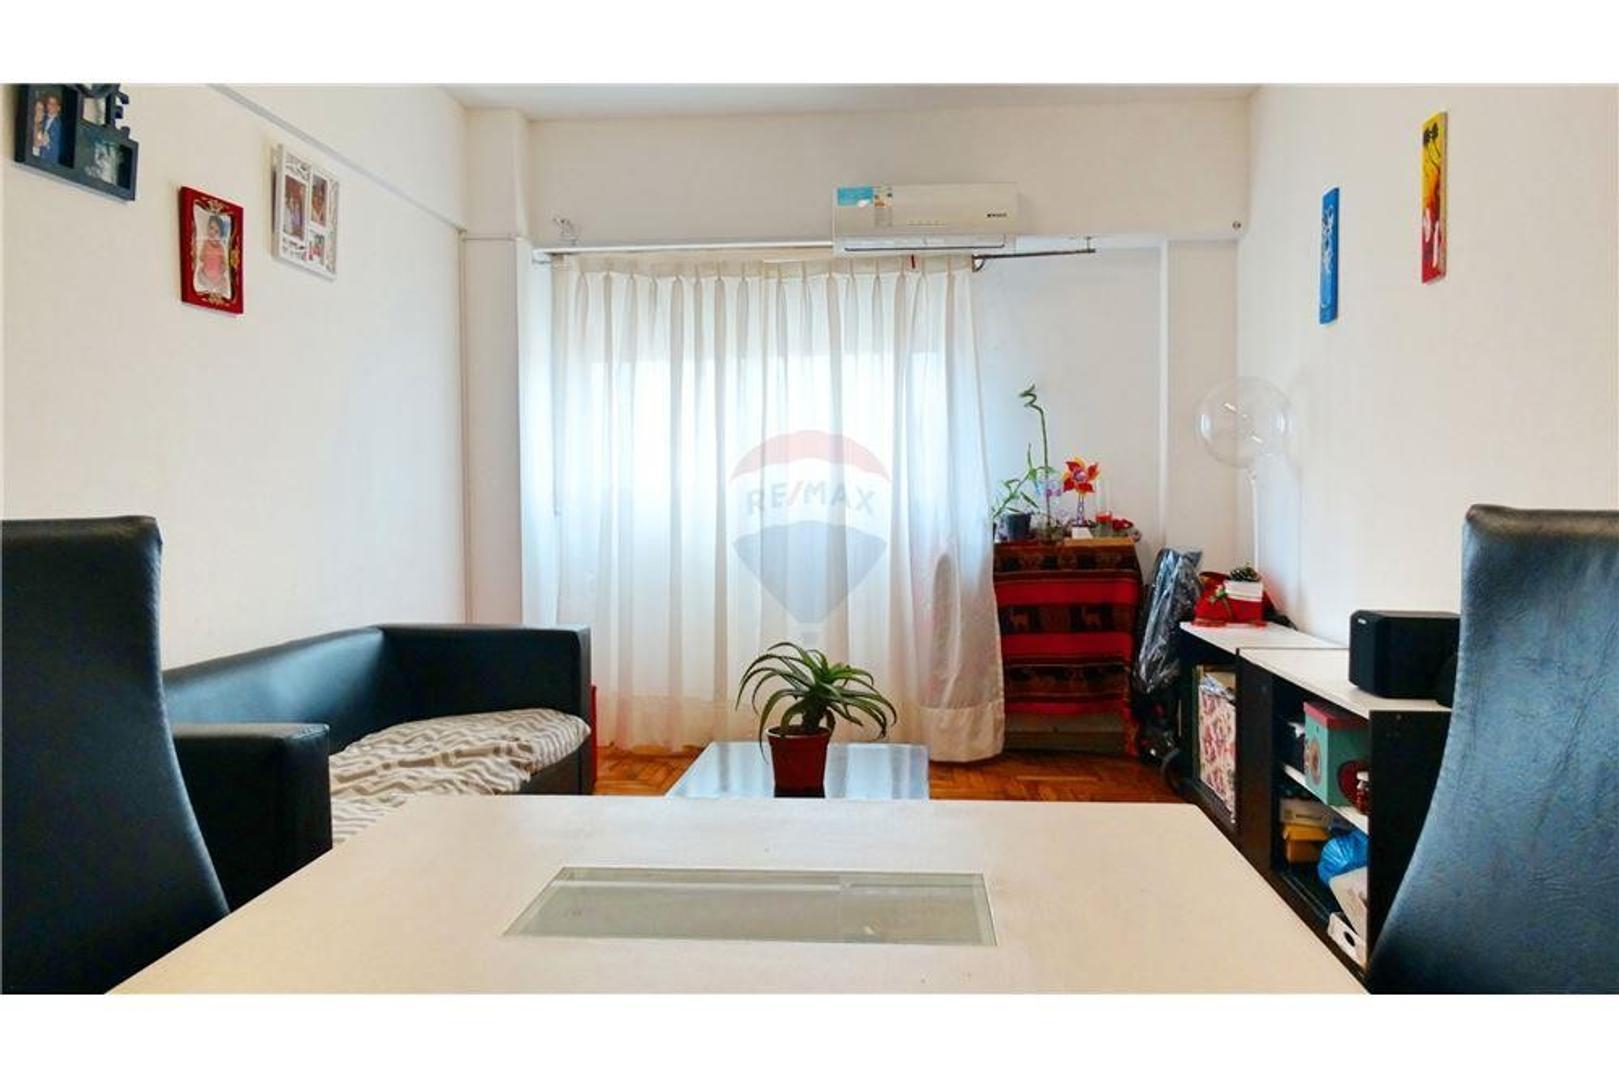 Departamento en Alquiler - 3 ambientes - $ 23.500